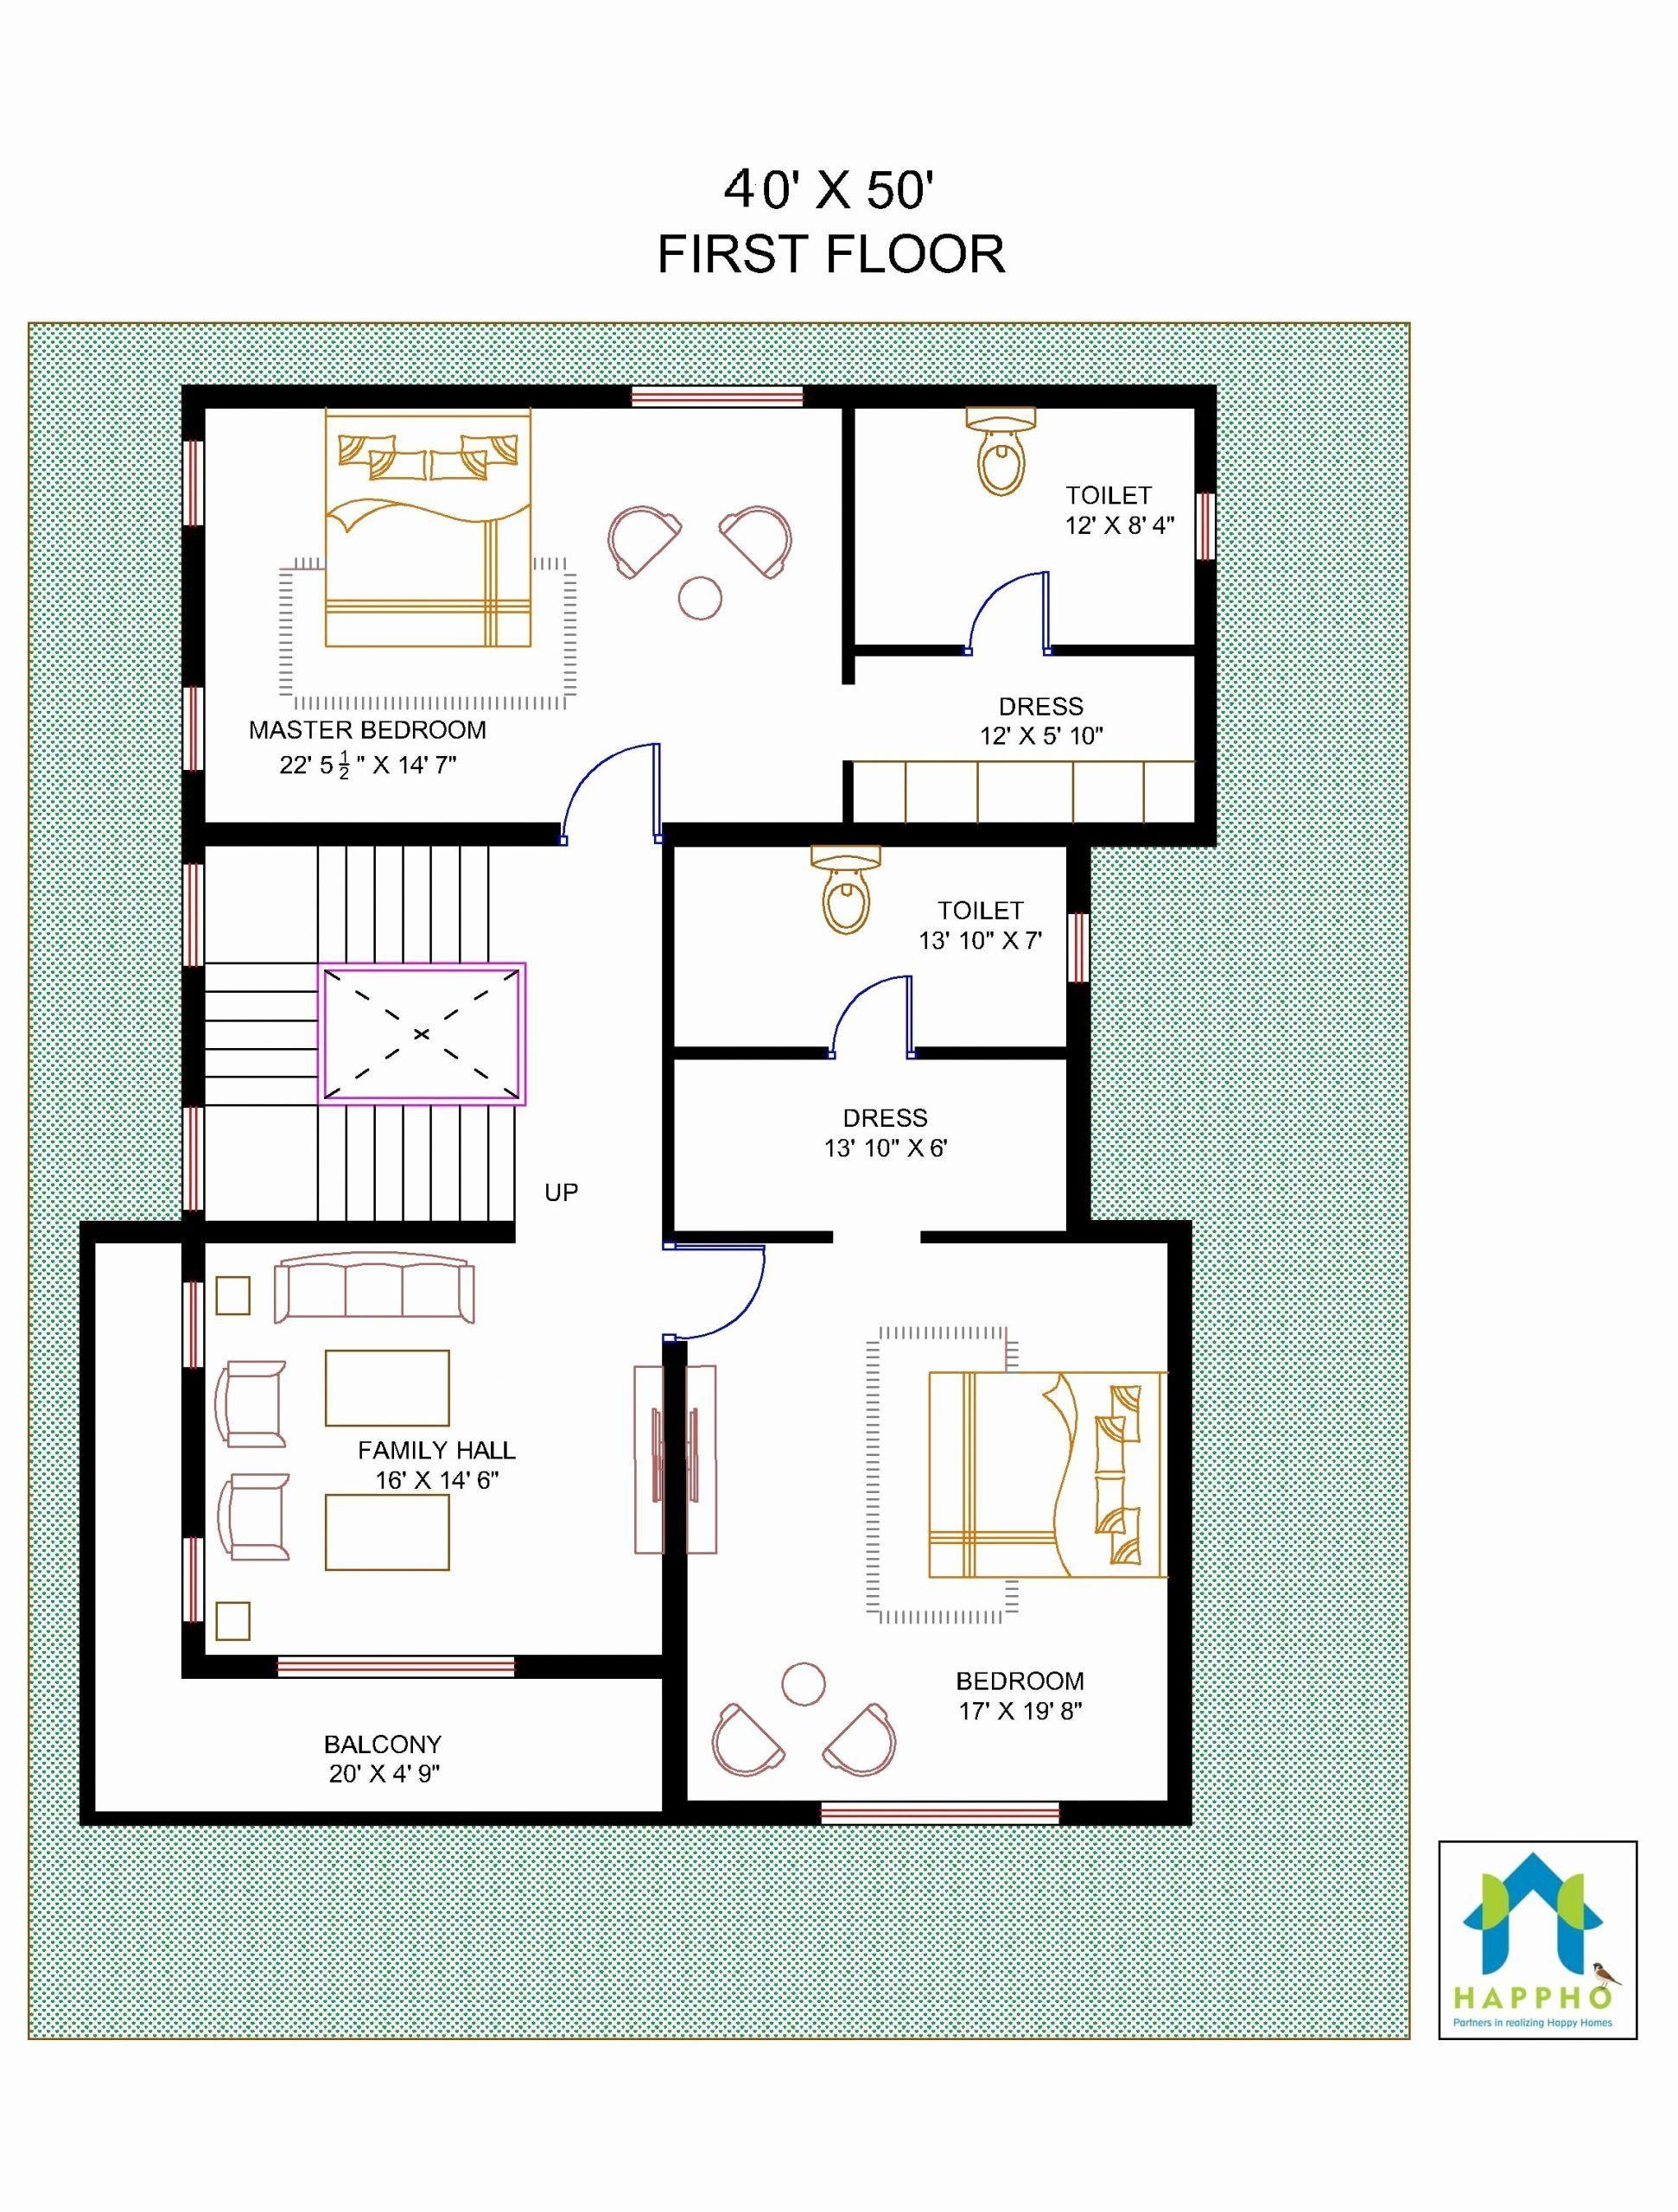 40 X 50 House Plans Lovely Floor Plan For 40 X 50 Plot Unique Floor Plans Basement House Plans Square House Plans